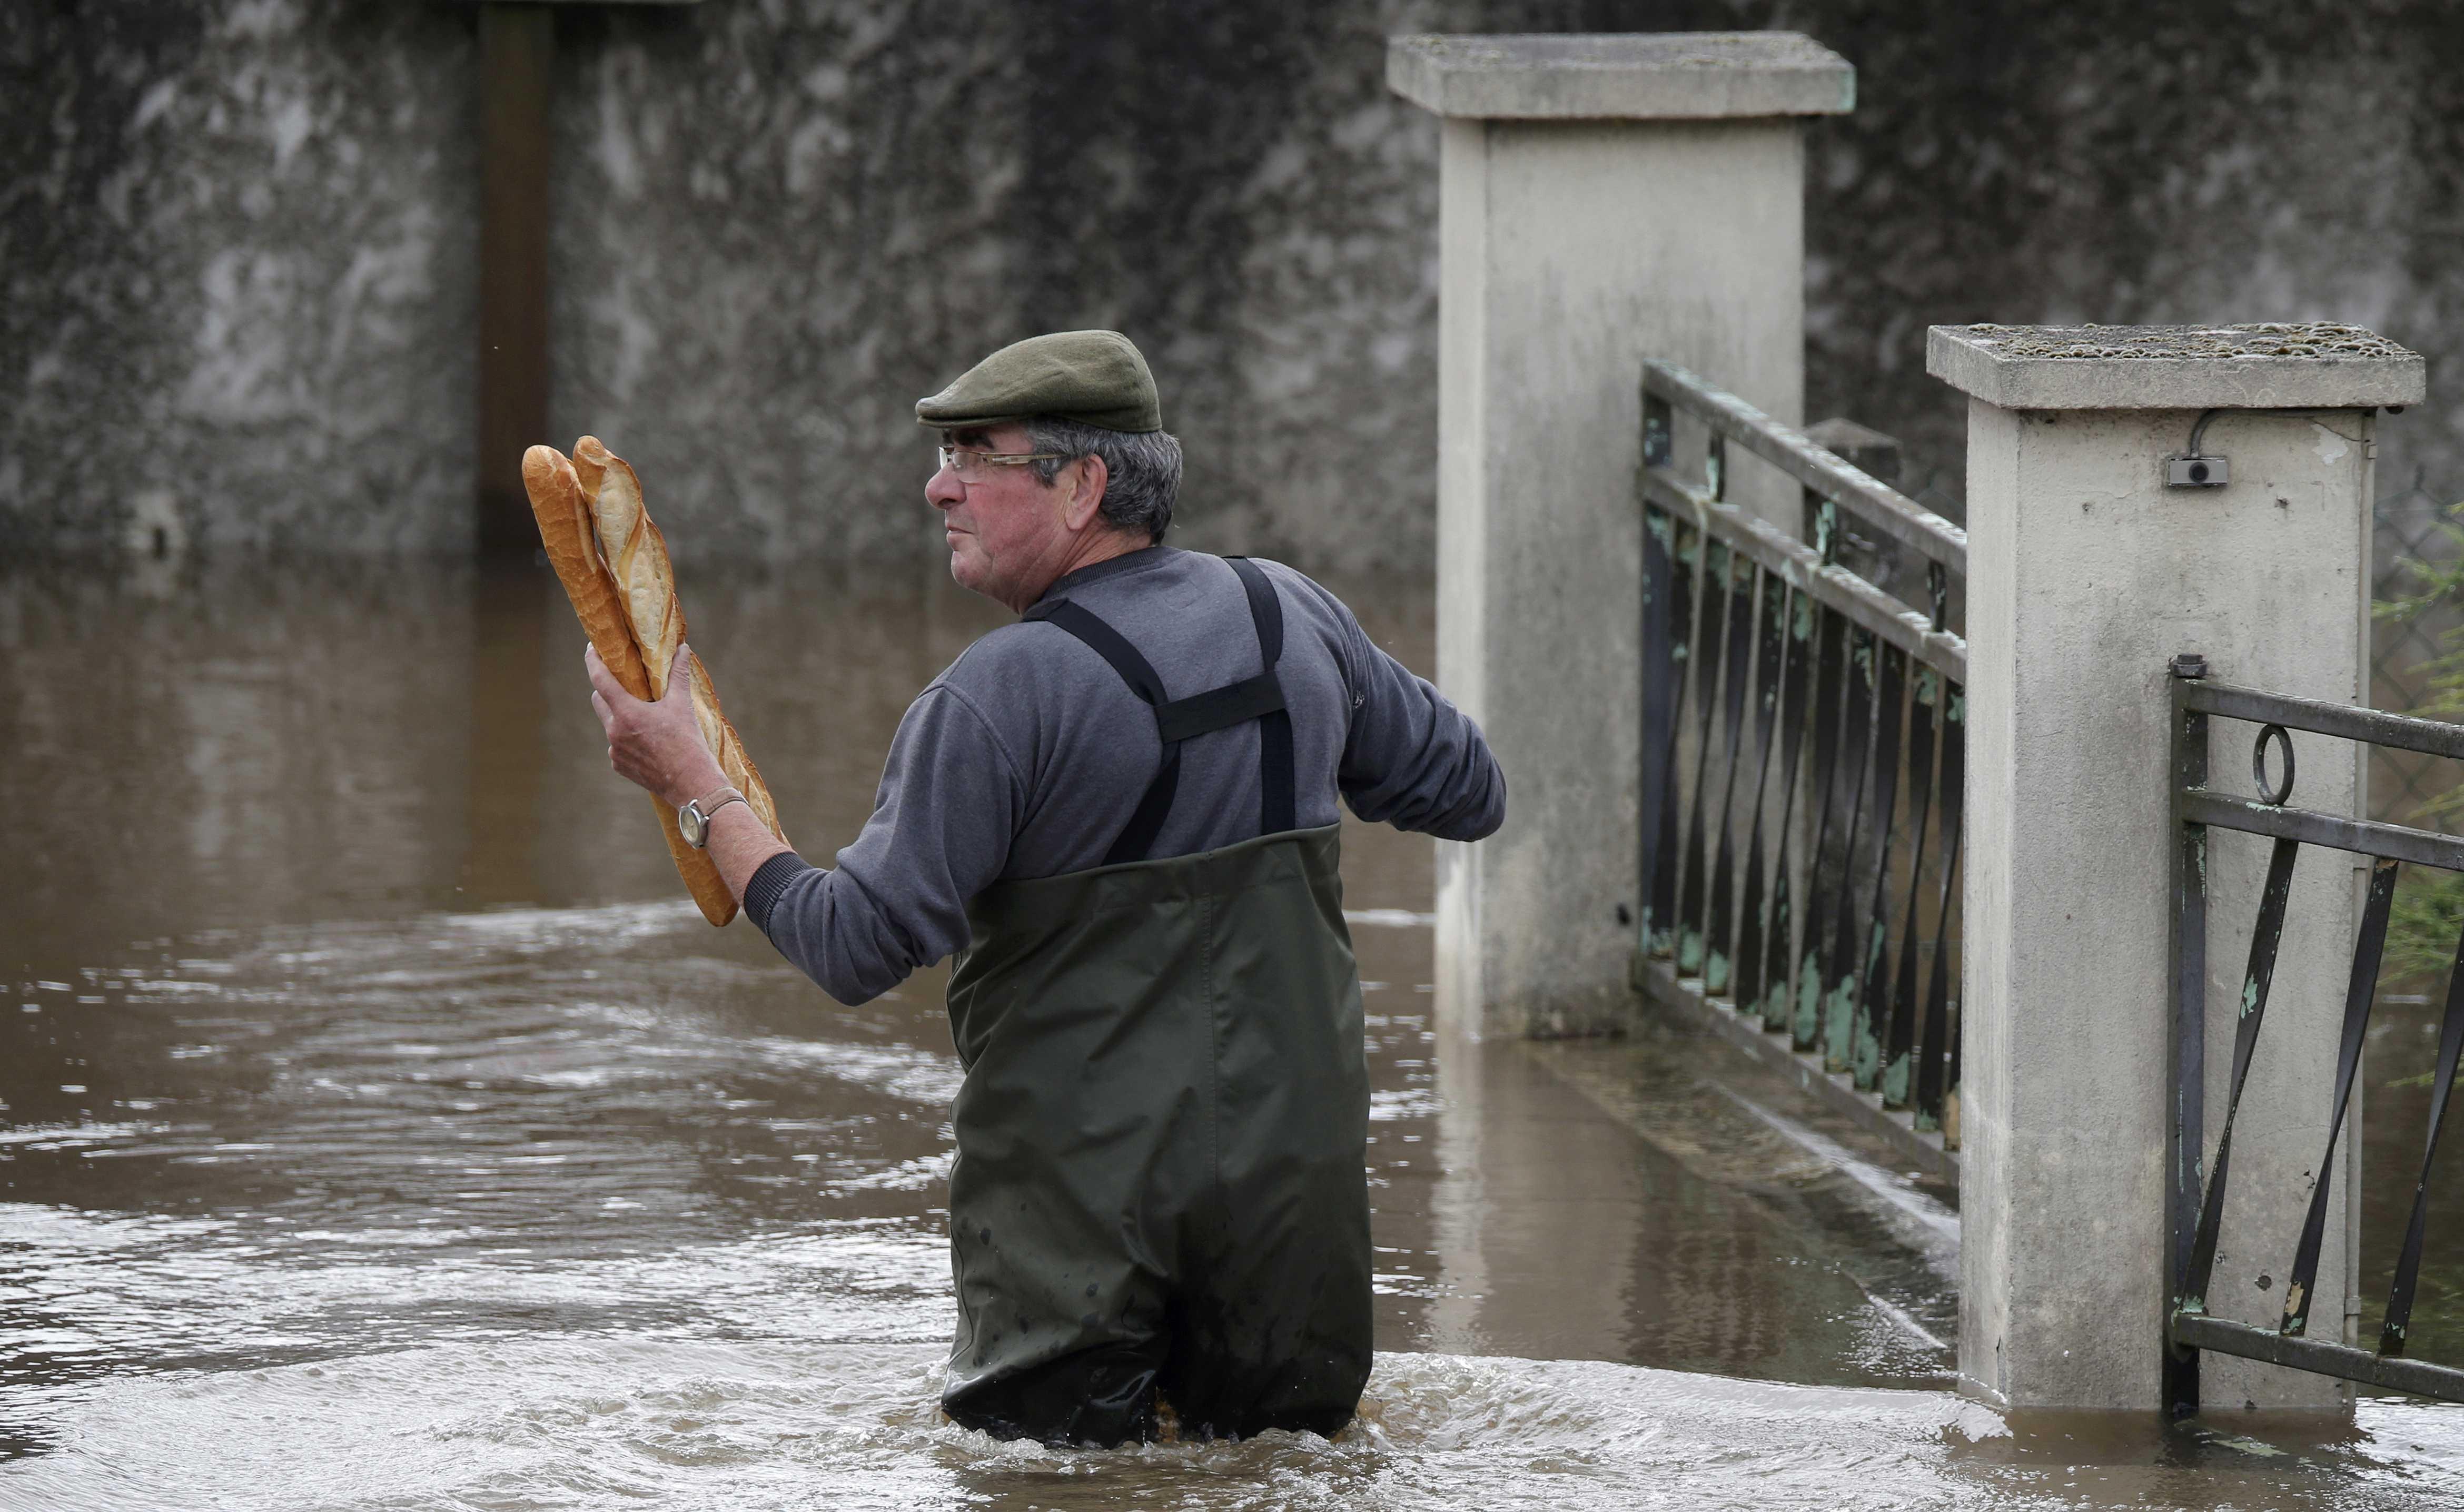 Bánh mì là thực phẩm chính của người dân Pháp trong những ngày mưa lớn (Ảnh: Reuters)